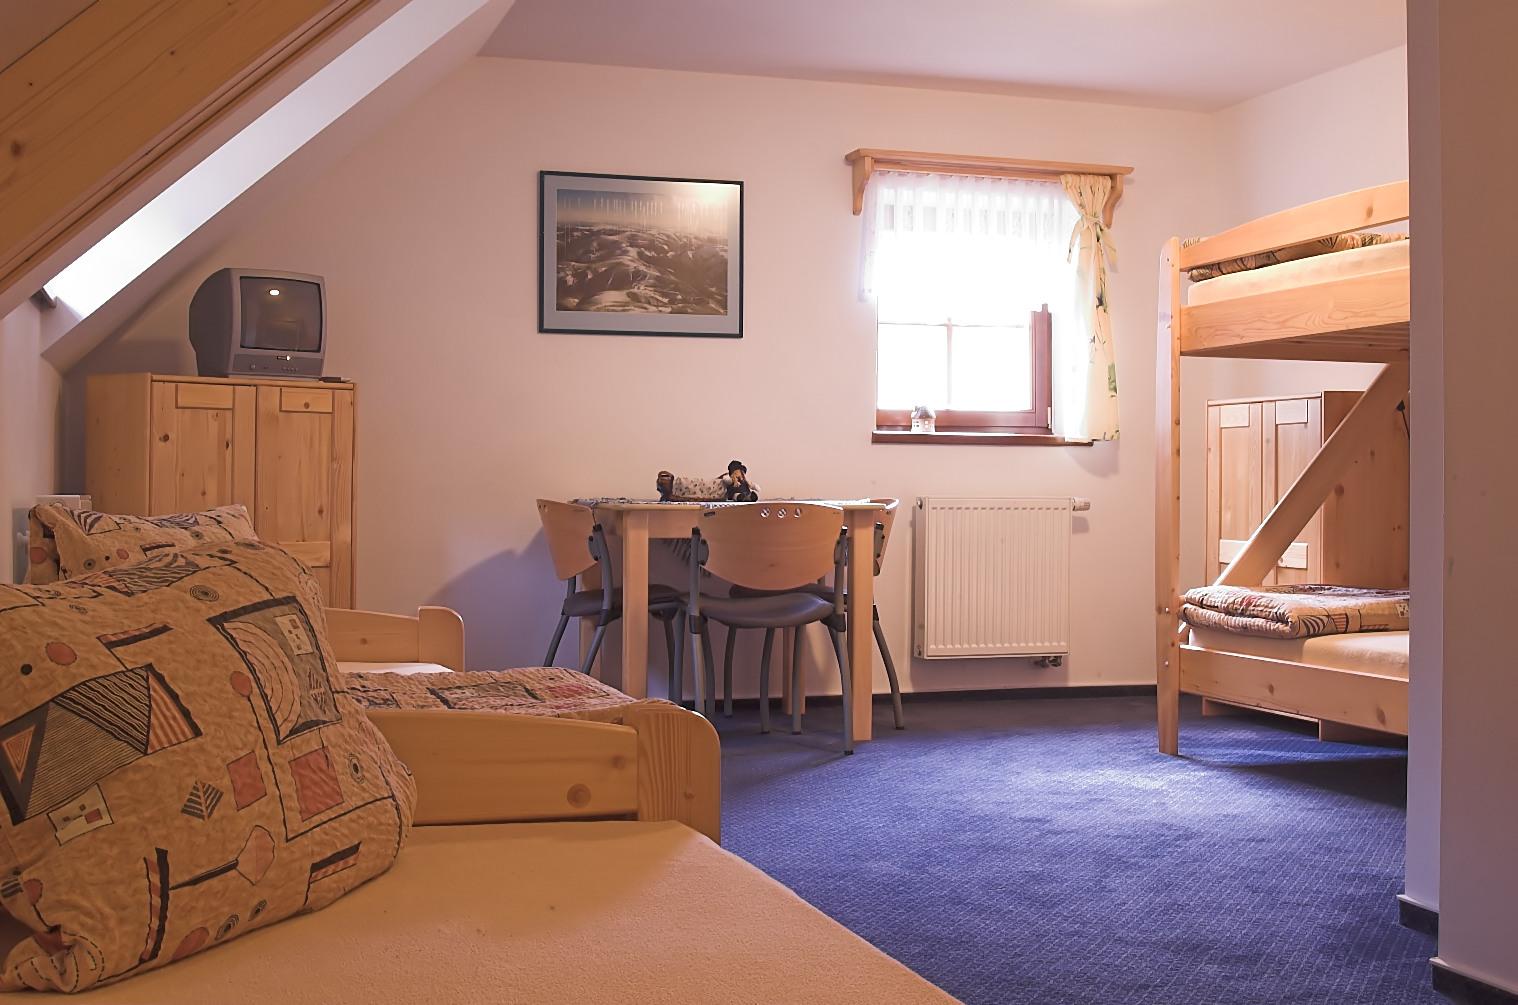 Ubytování v Jeseníkách, v plně vybavených pokojích